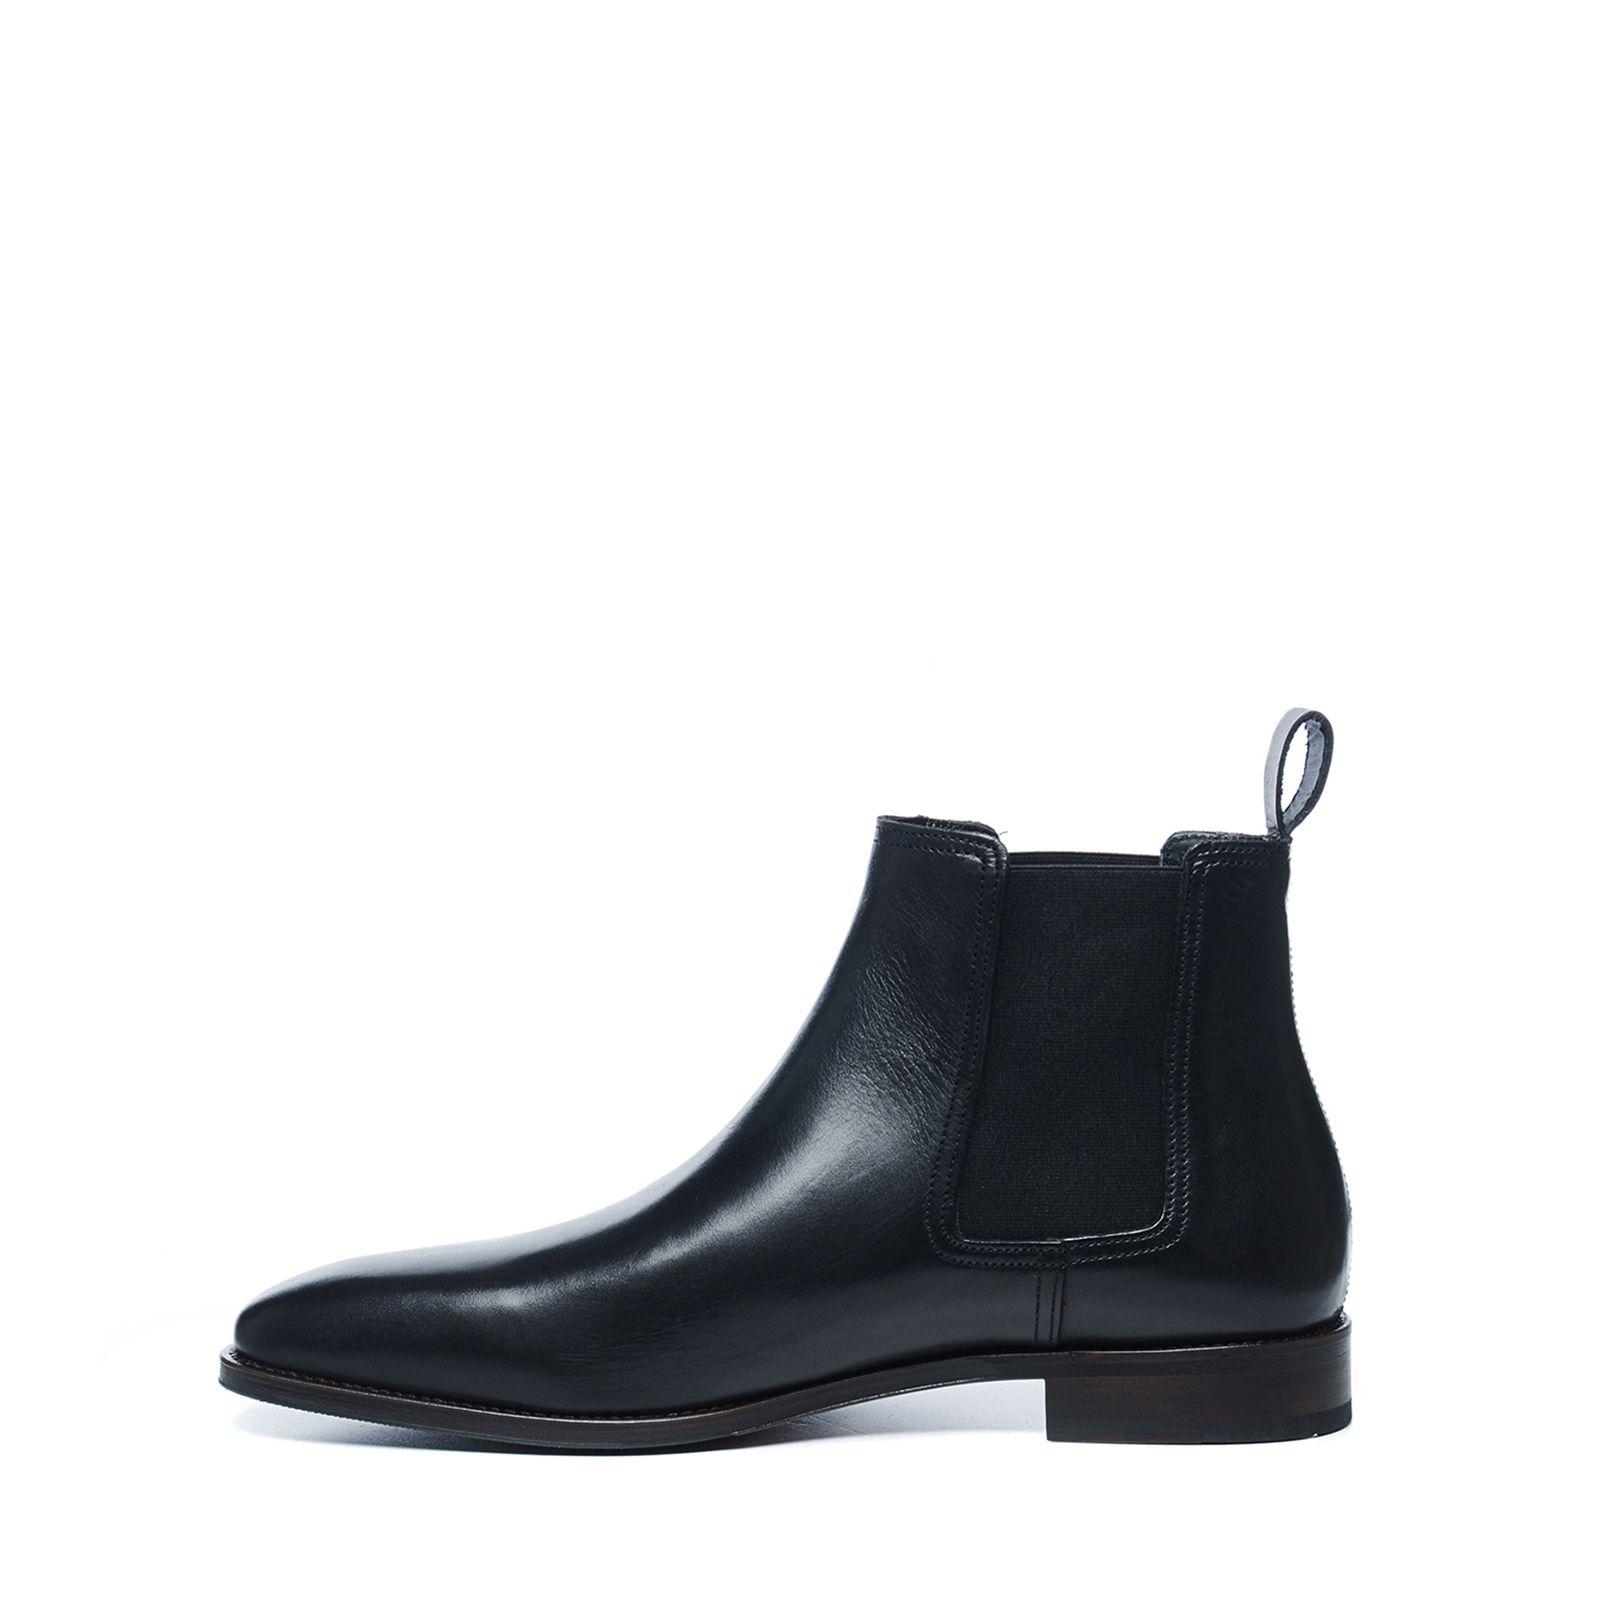 schwarze chelsea boots aus leder. Black Bedroom Furniture Sets. Home Design Ideas